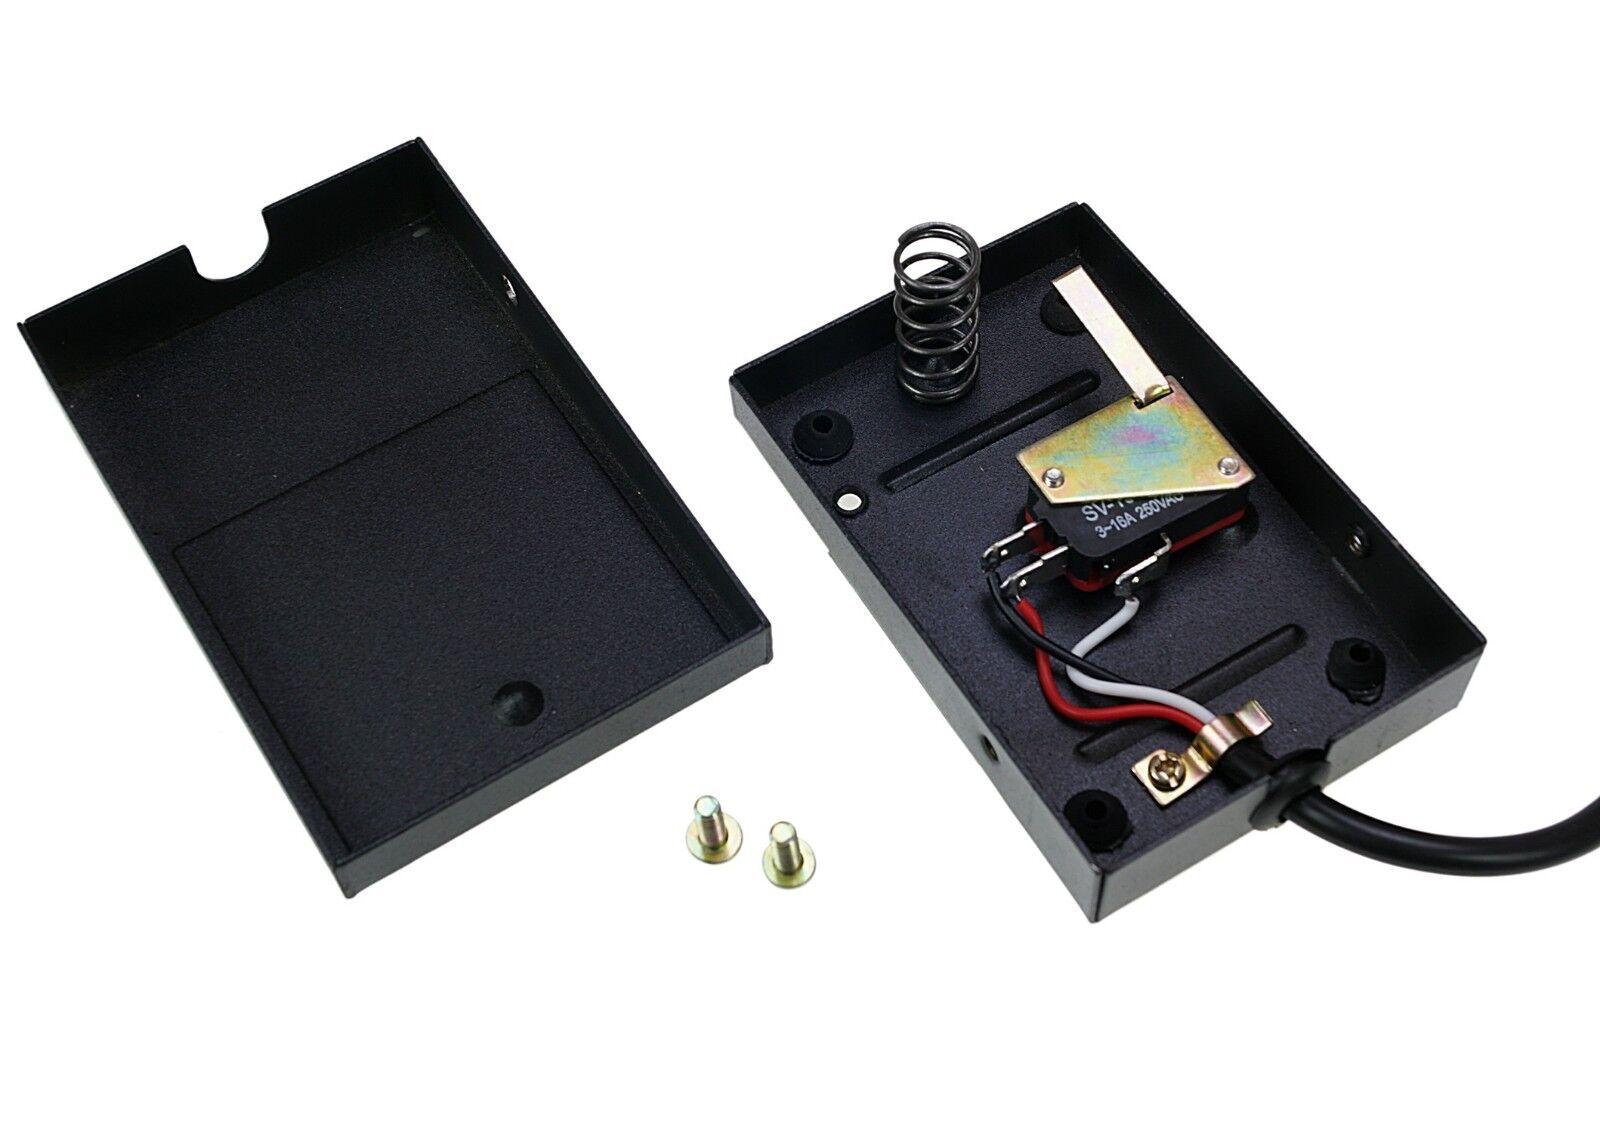 Fußschalter Schutzhaube Trittschalter Industrie Fußpedal Schalter Fernschalter | | | Kostengünstiger  dba2e4